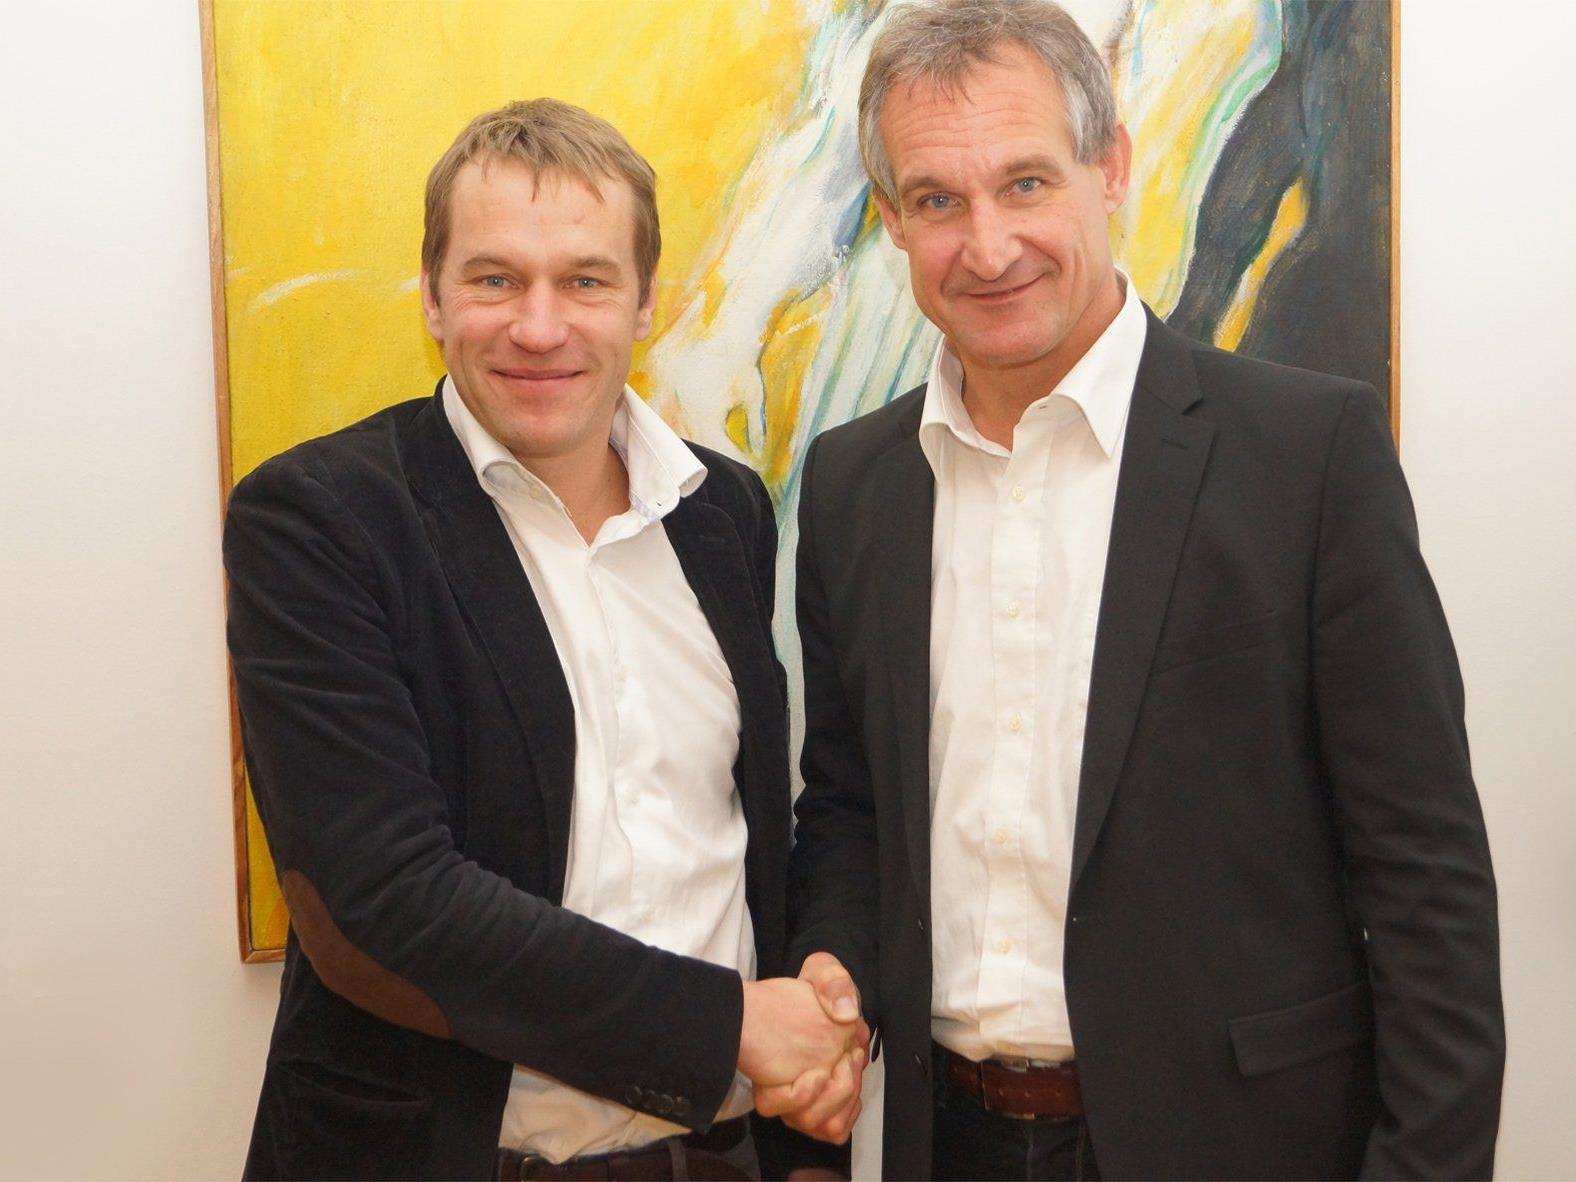 Bürgermeister Linhart und der designierte Stadtamtsdirektor Klaus Feuerstein.